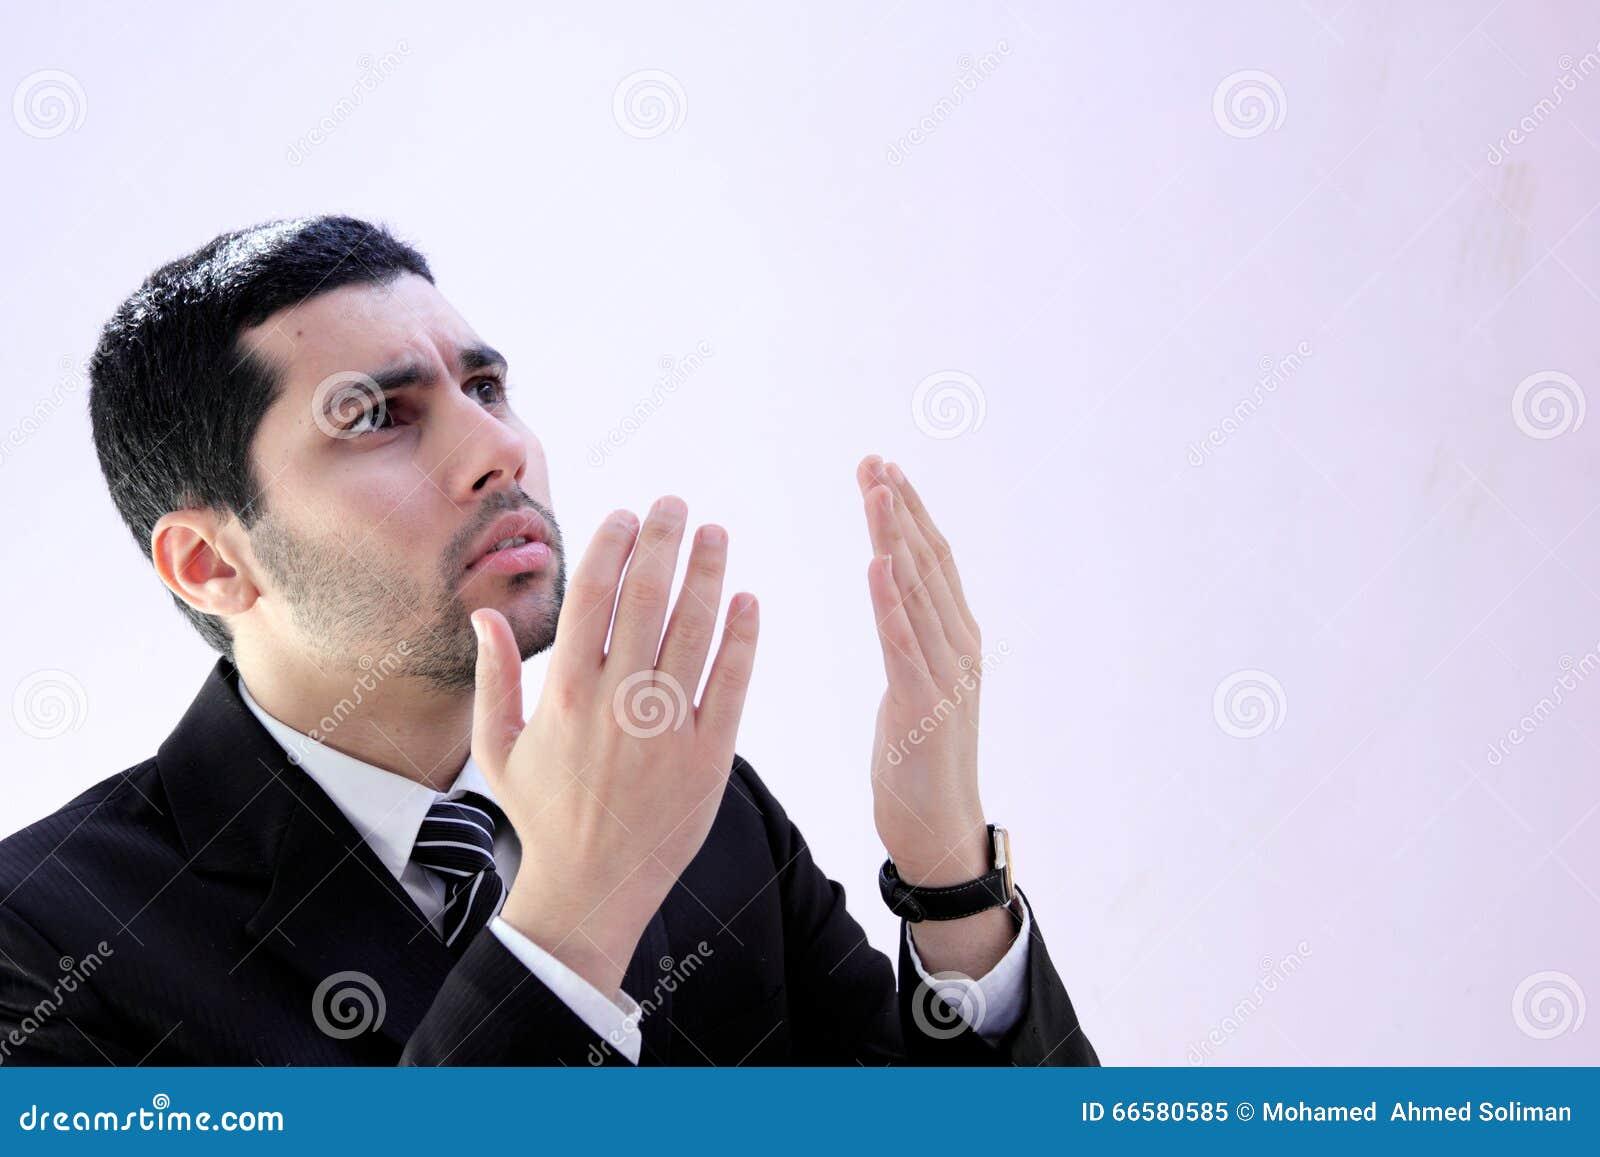 Arab business man praying for help